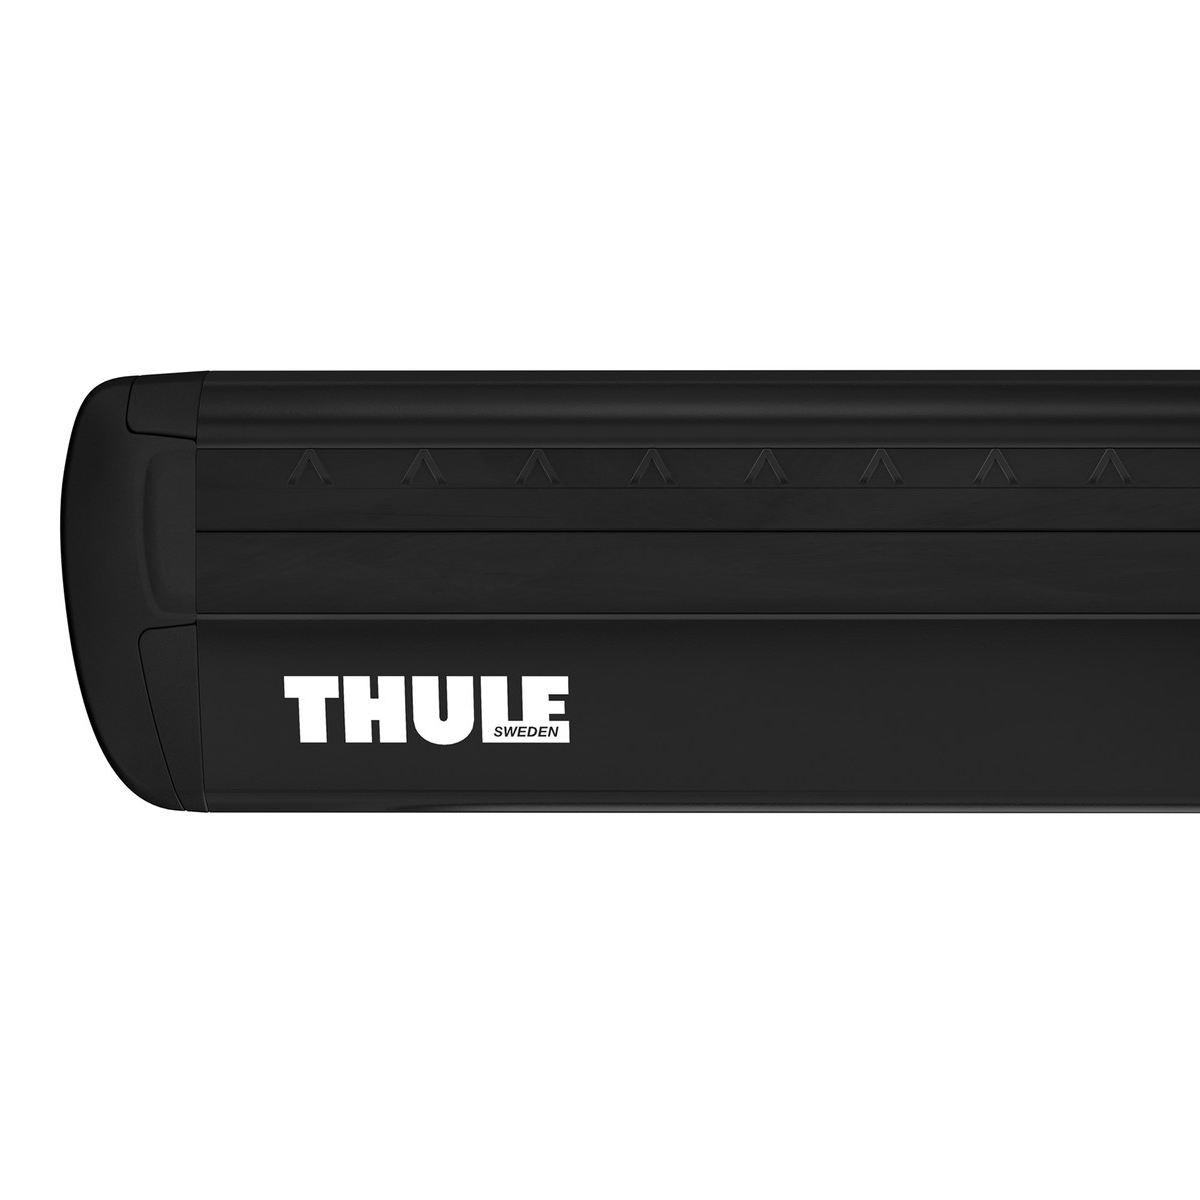 Напречни греди Thule Evo Raised Rail WingBar Evo 127cm в Черно за CITROEN C-crosser 5 врати SUV 07-12 с фабрични надлъжни греди с просвет 6